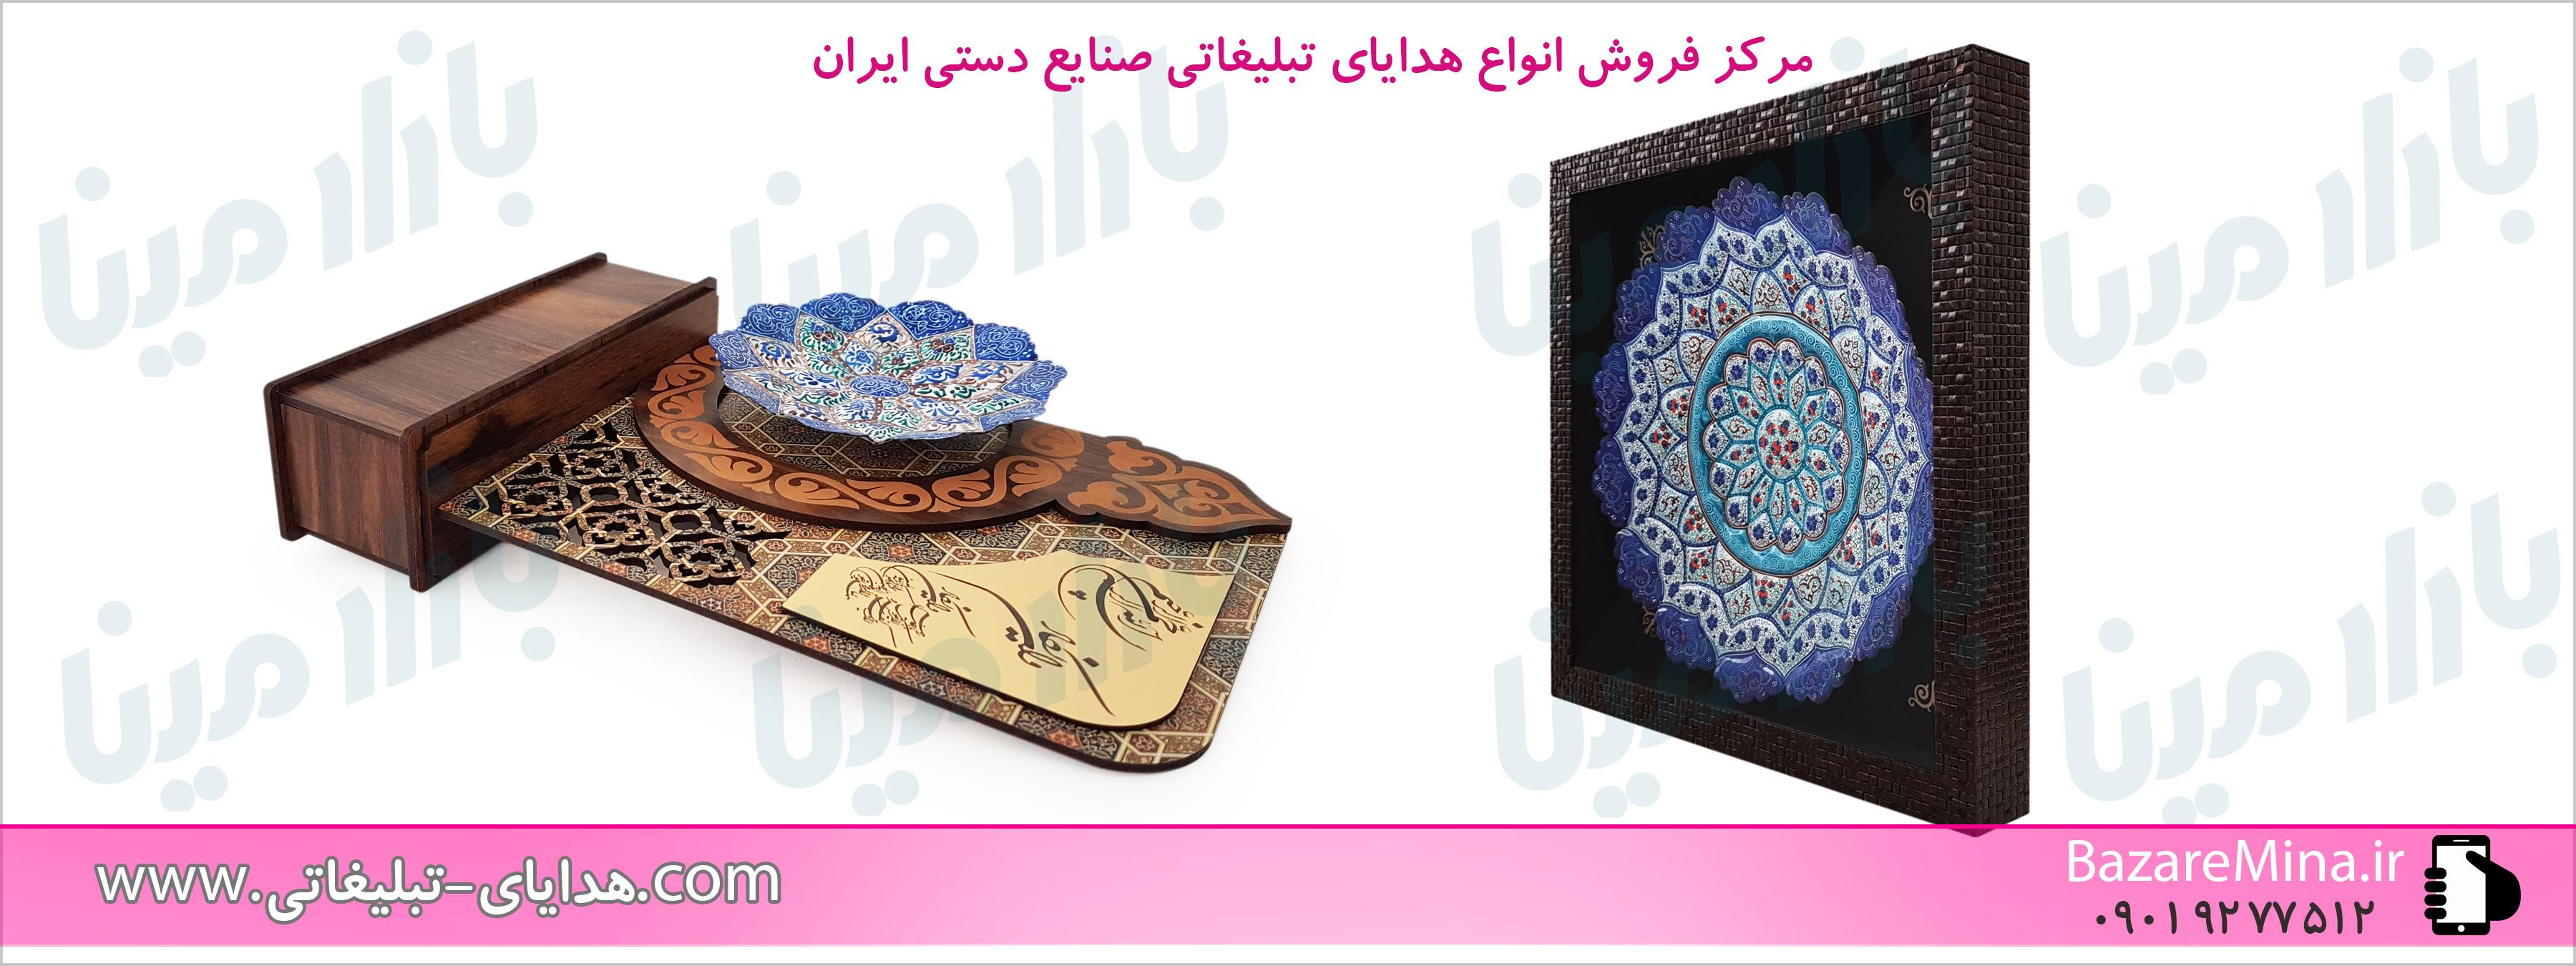 هدایای تبلیغاتی خاص در اصفهان